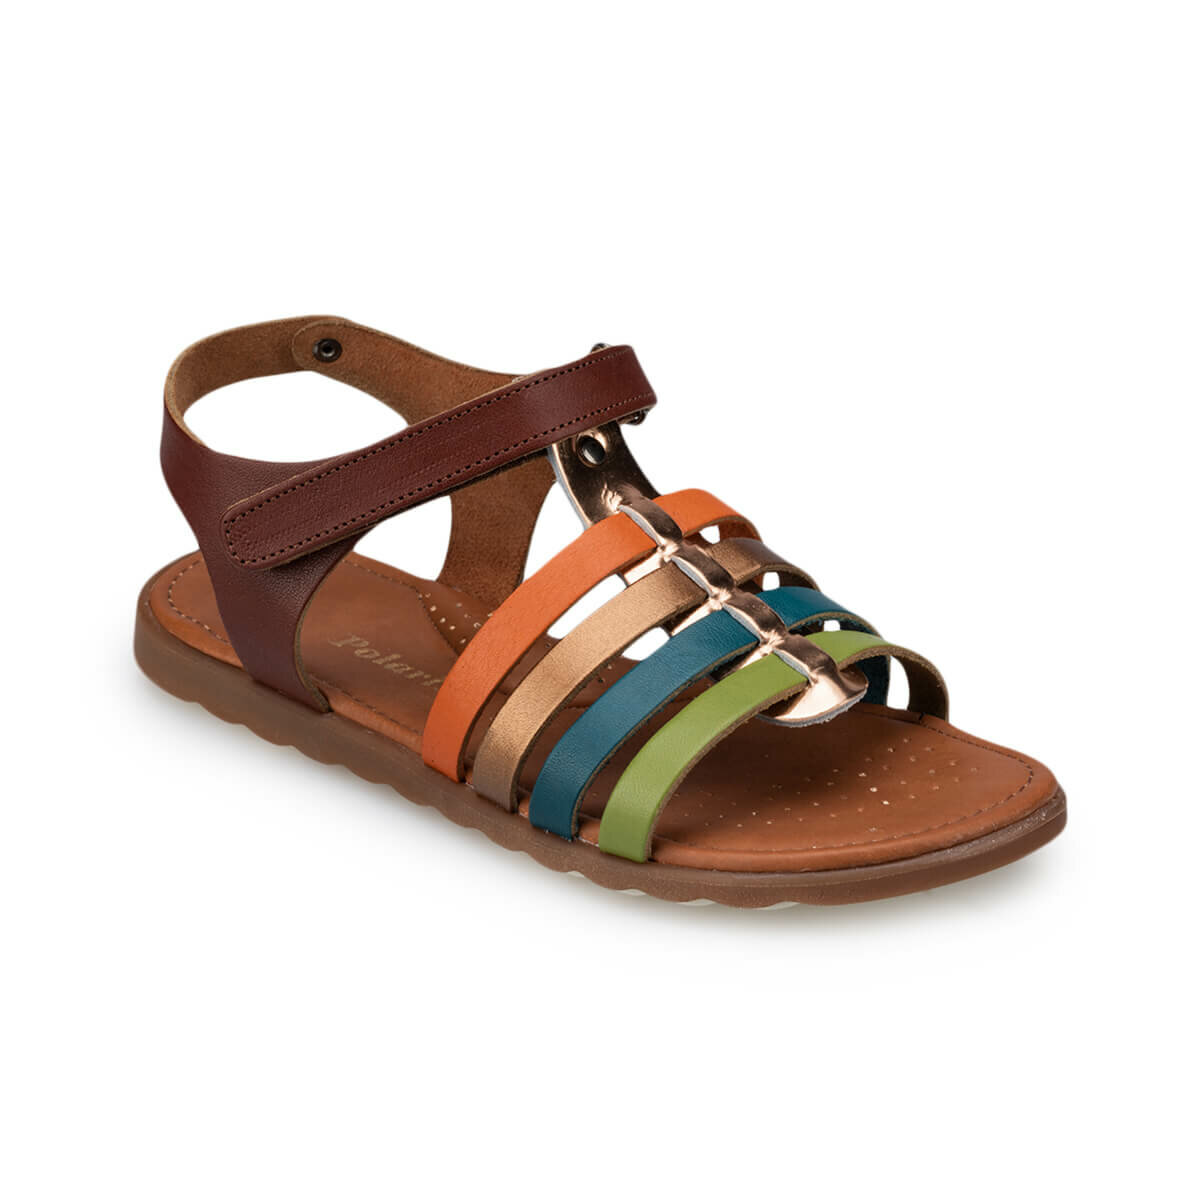 FLO 91.510032.F Brown Female Child Sandals Polaris